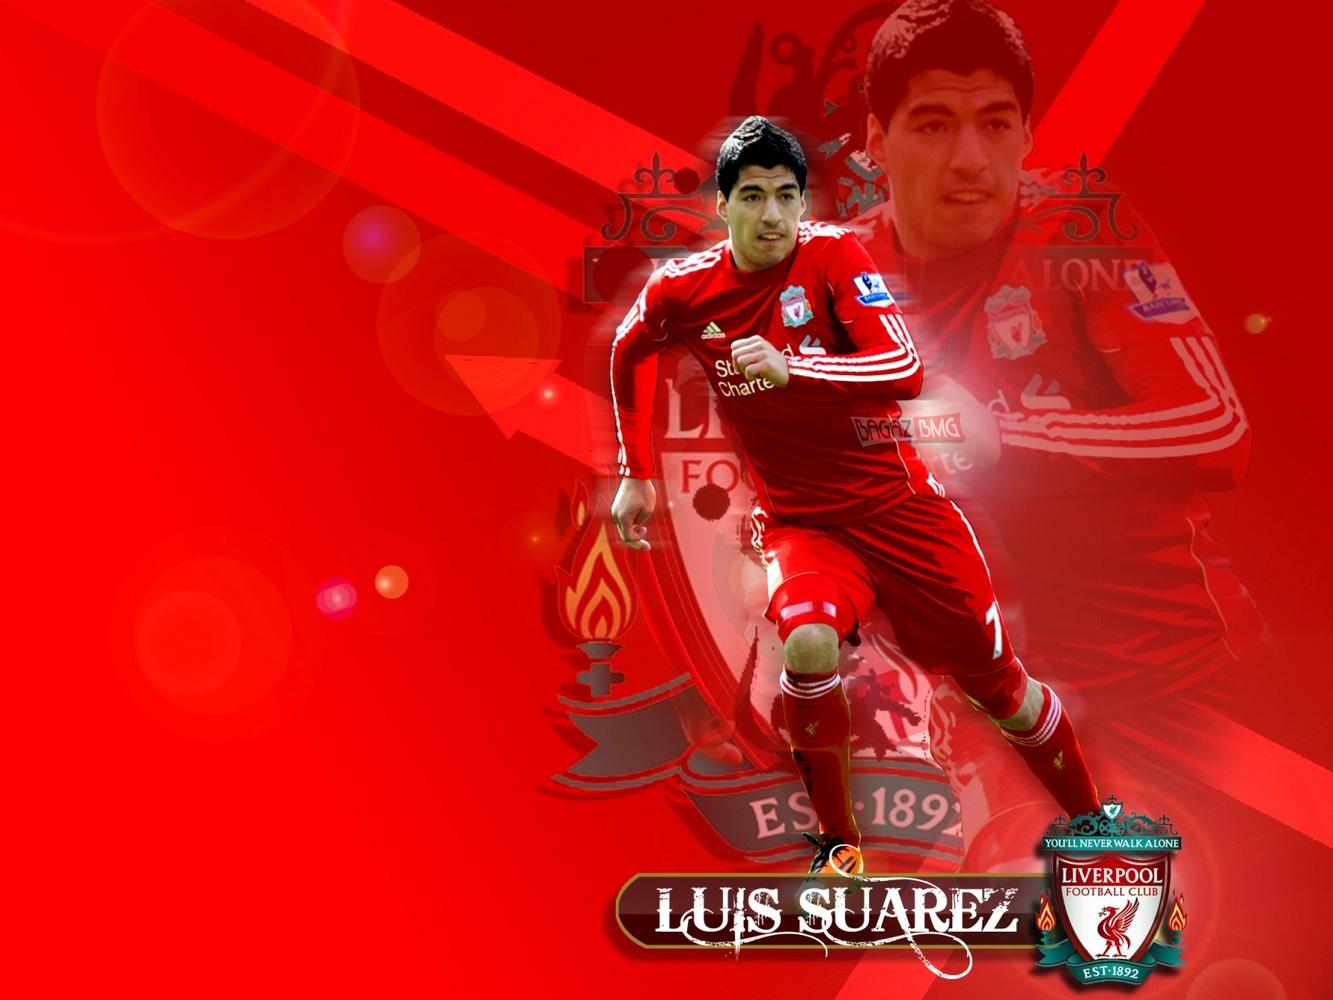 http://2.bp.blogspot.com/-vVf_DsOmQQU/TzZpyLSTvtI/AAAAAAAAAQY/XwmH8U1Hk-c/s1600/Suarez-wallpaper-liverpool.jpg